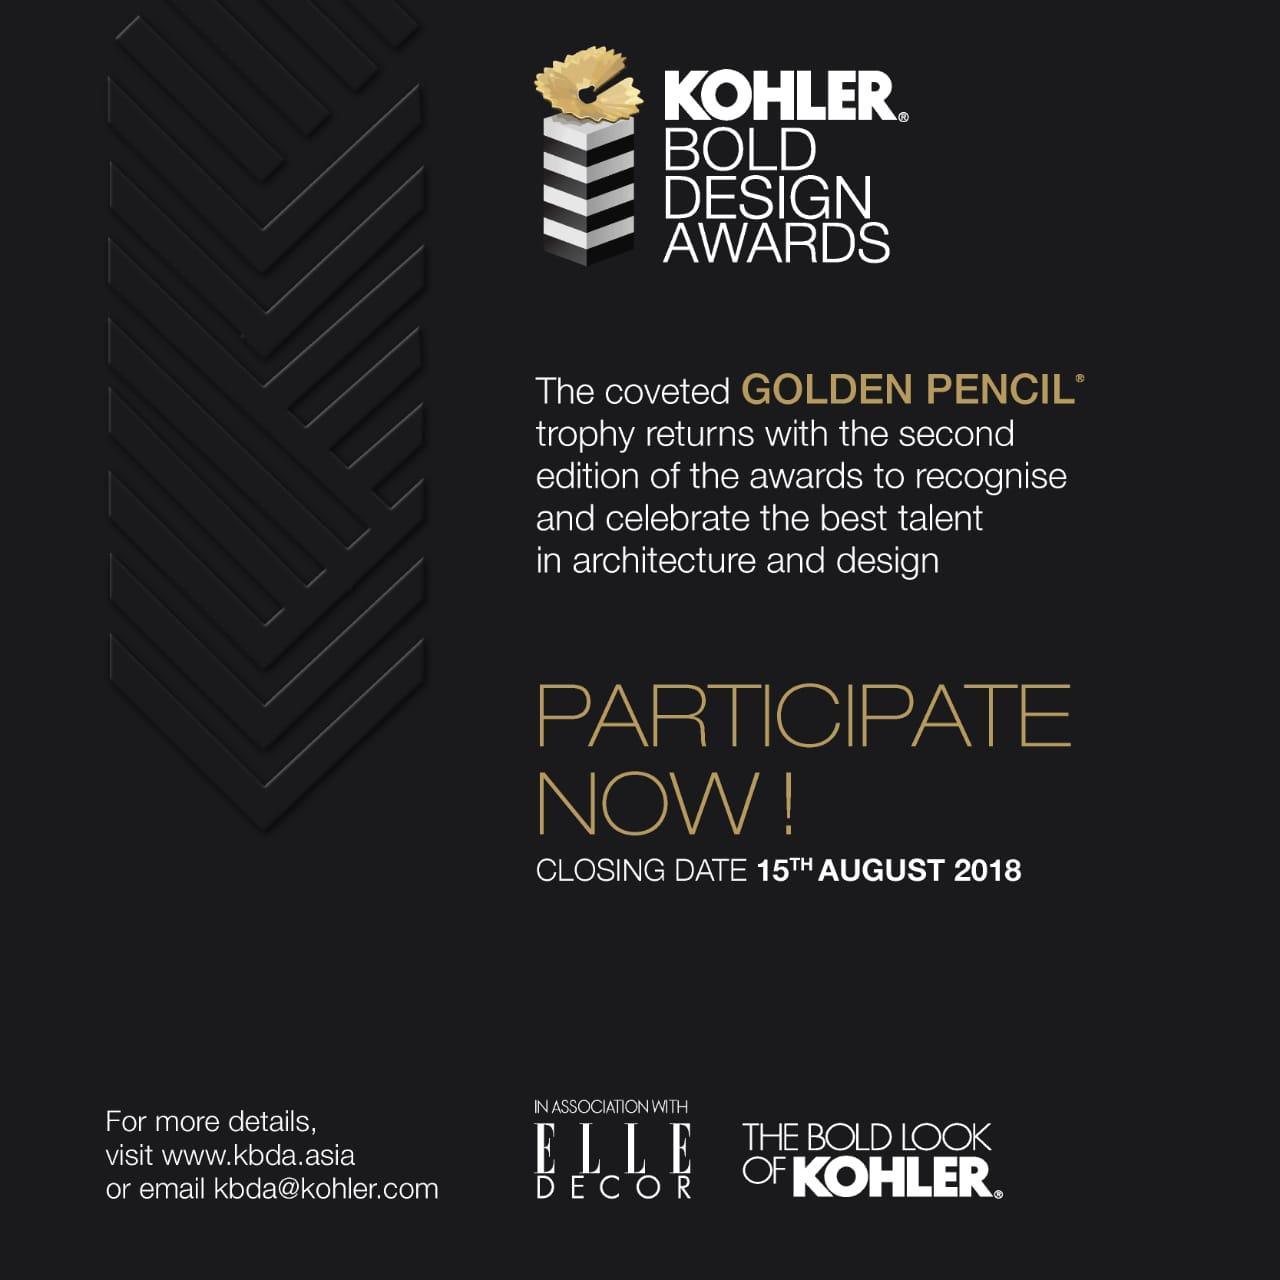 1 Kohler_Bold_Design_Awards_2018_Page_1